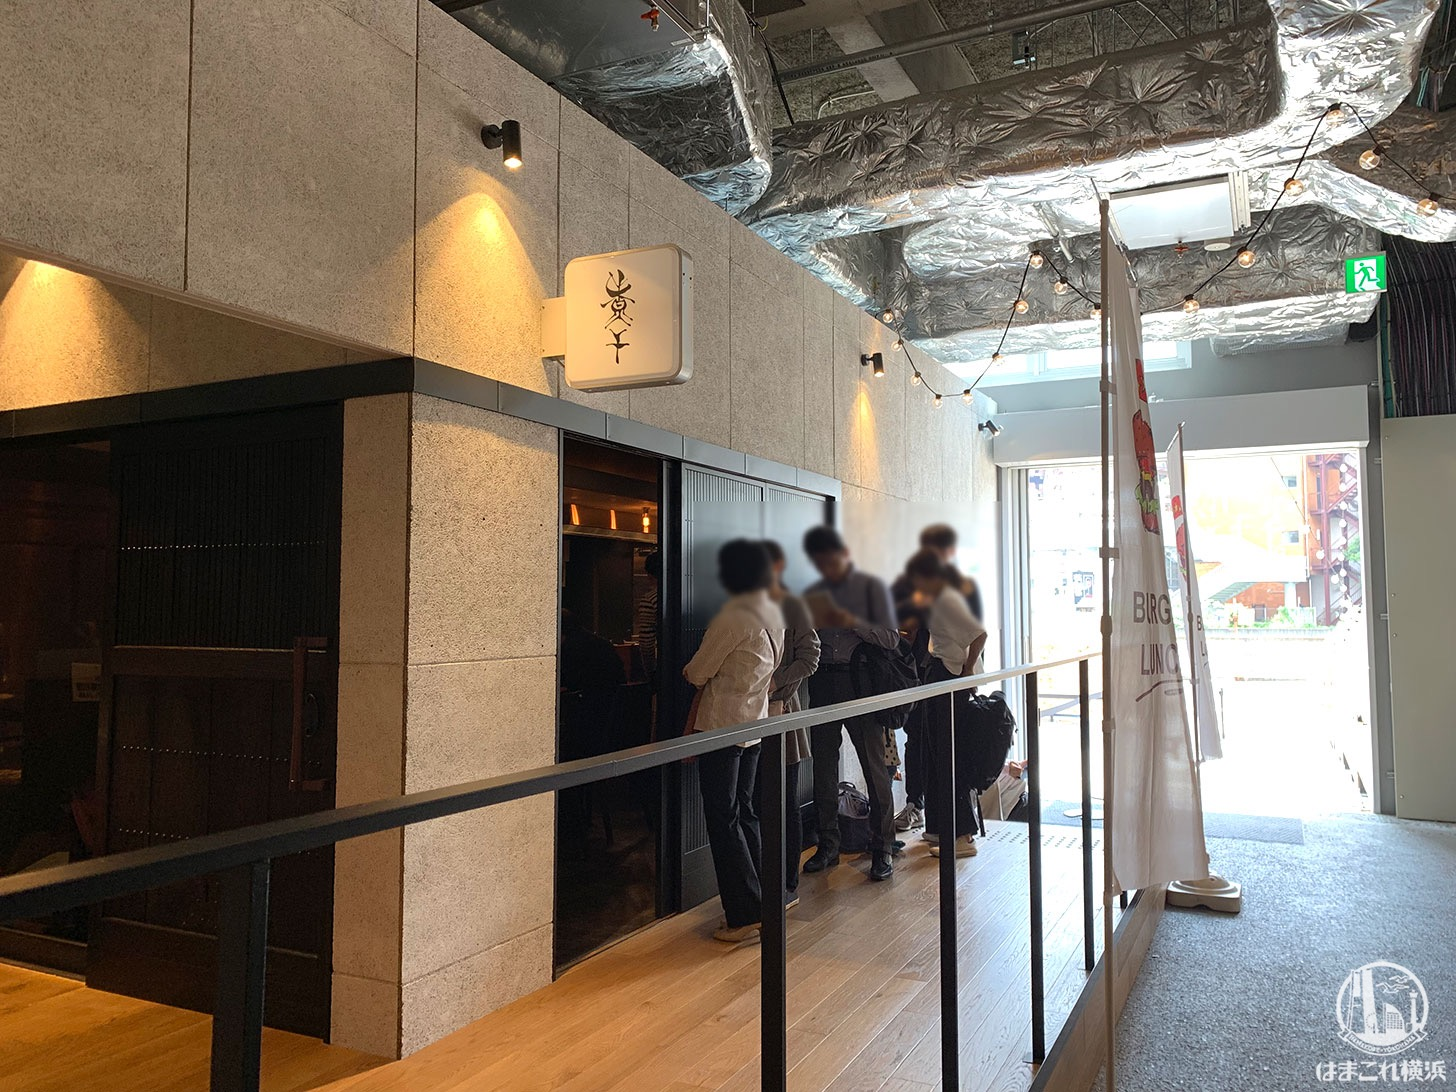 丿貫 新店舗「煮干蕎麦」